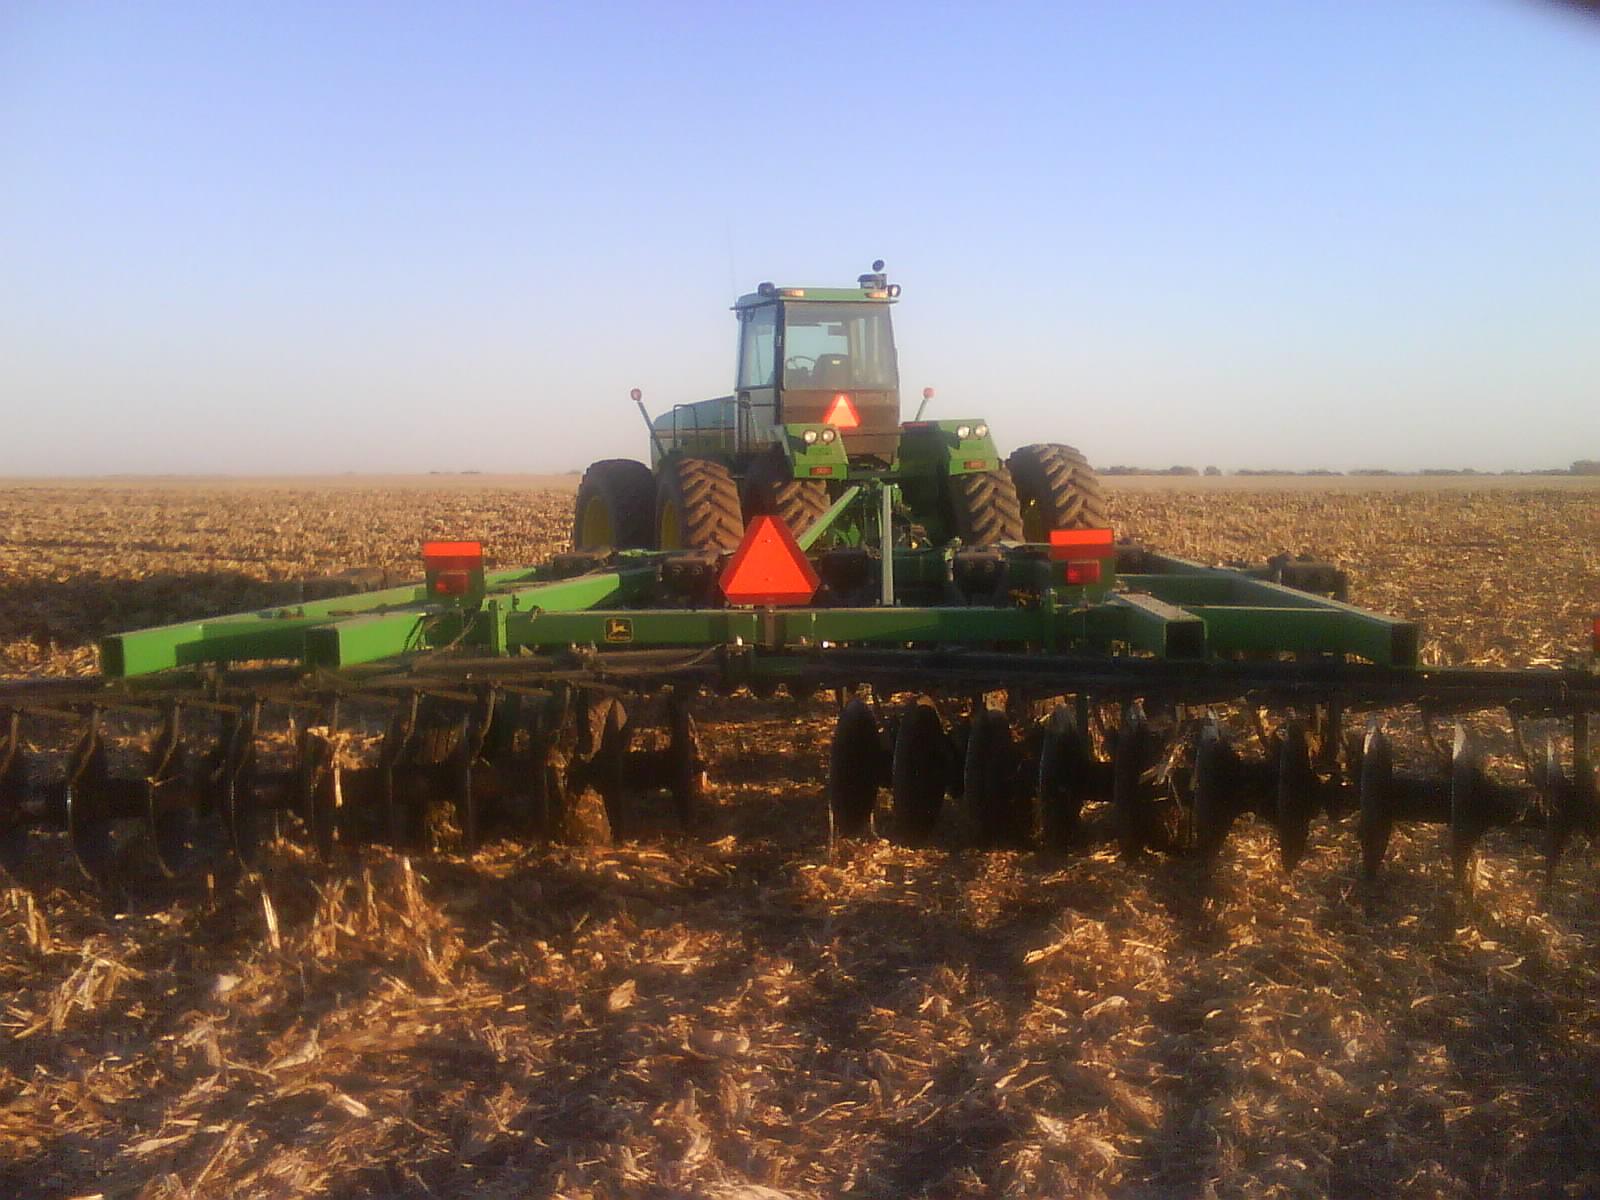 New John Deere disc plow